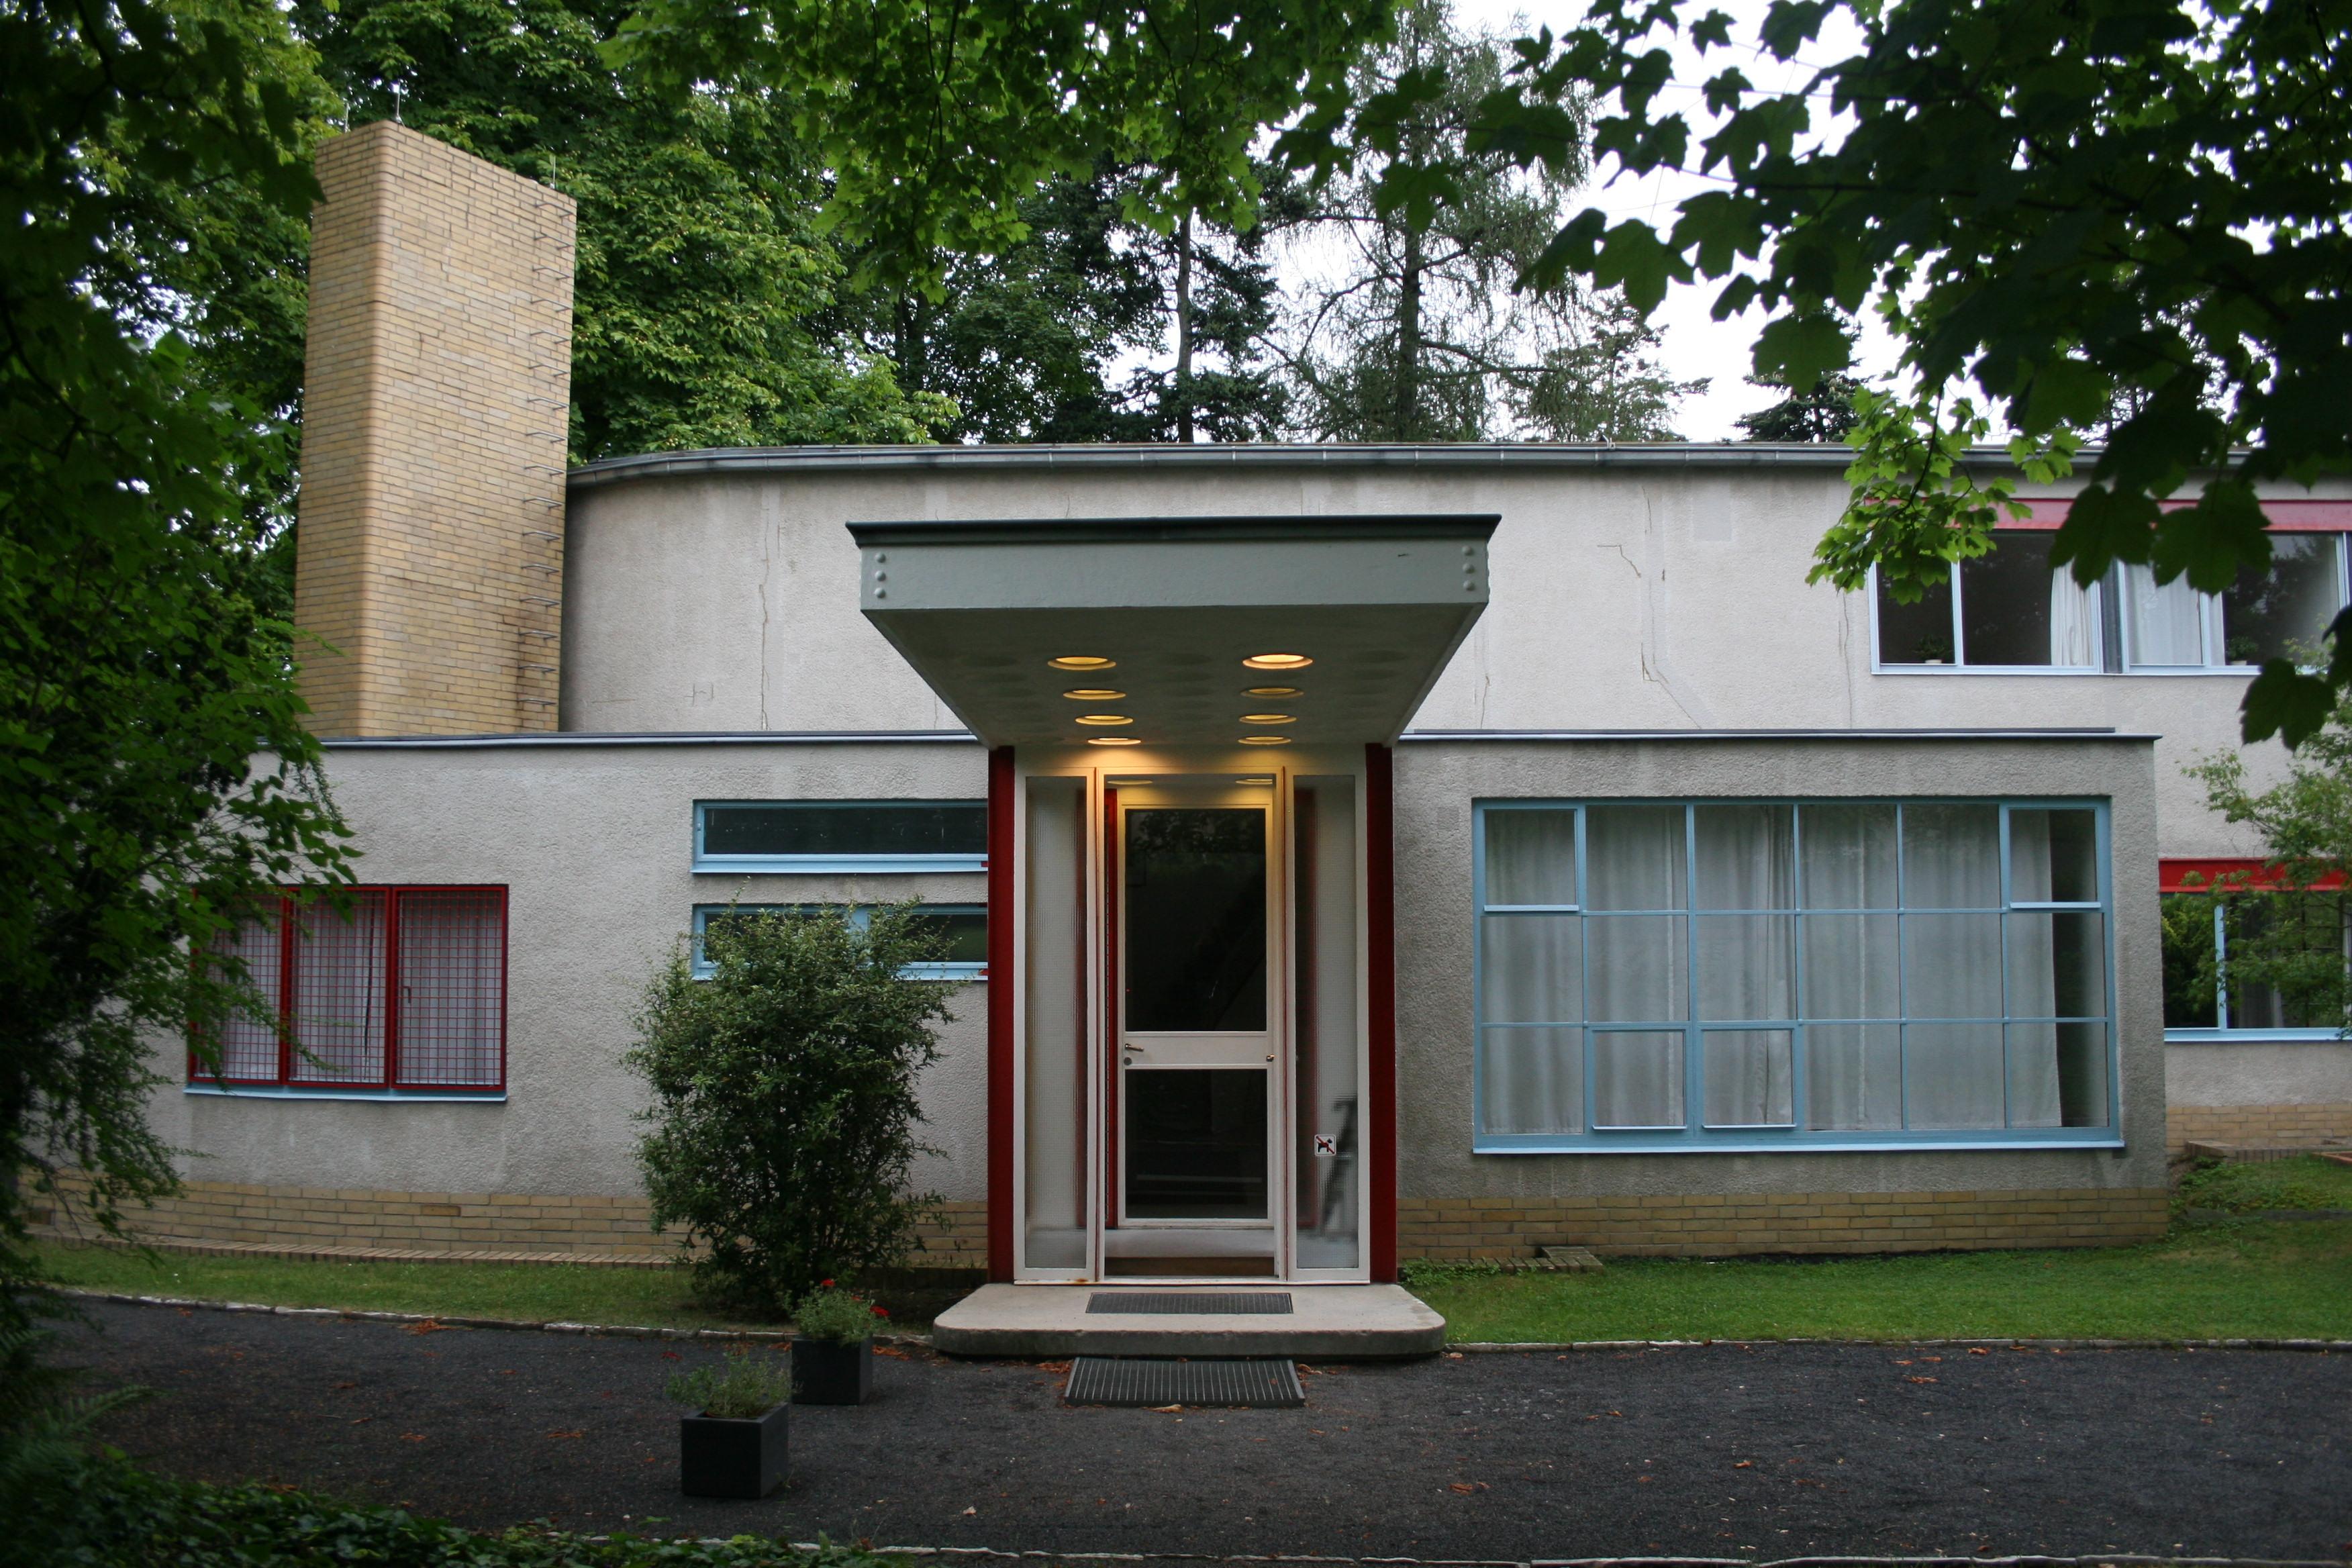 Zur Benutzung Freigegeben: Haus Schminke In Löbau » Denkmale » SciLogs    Wissenschaftsblogs